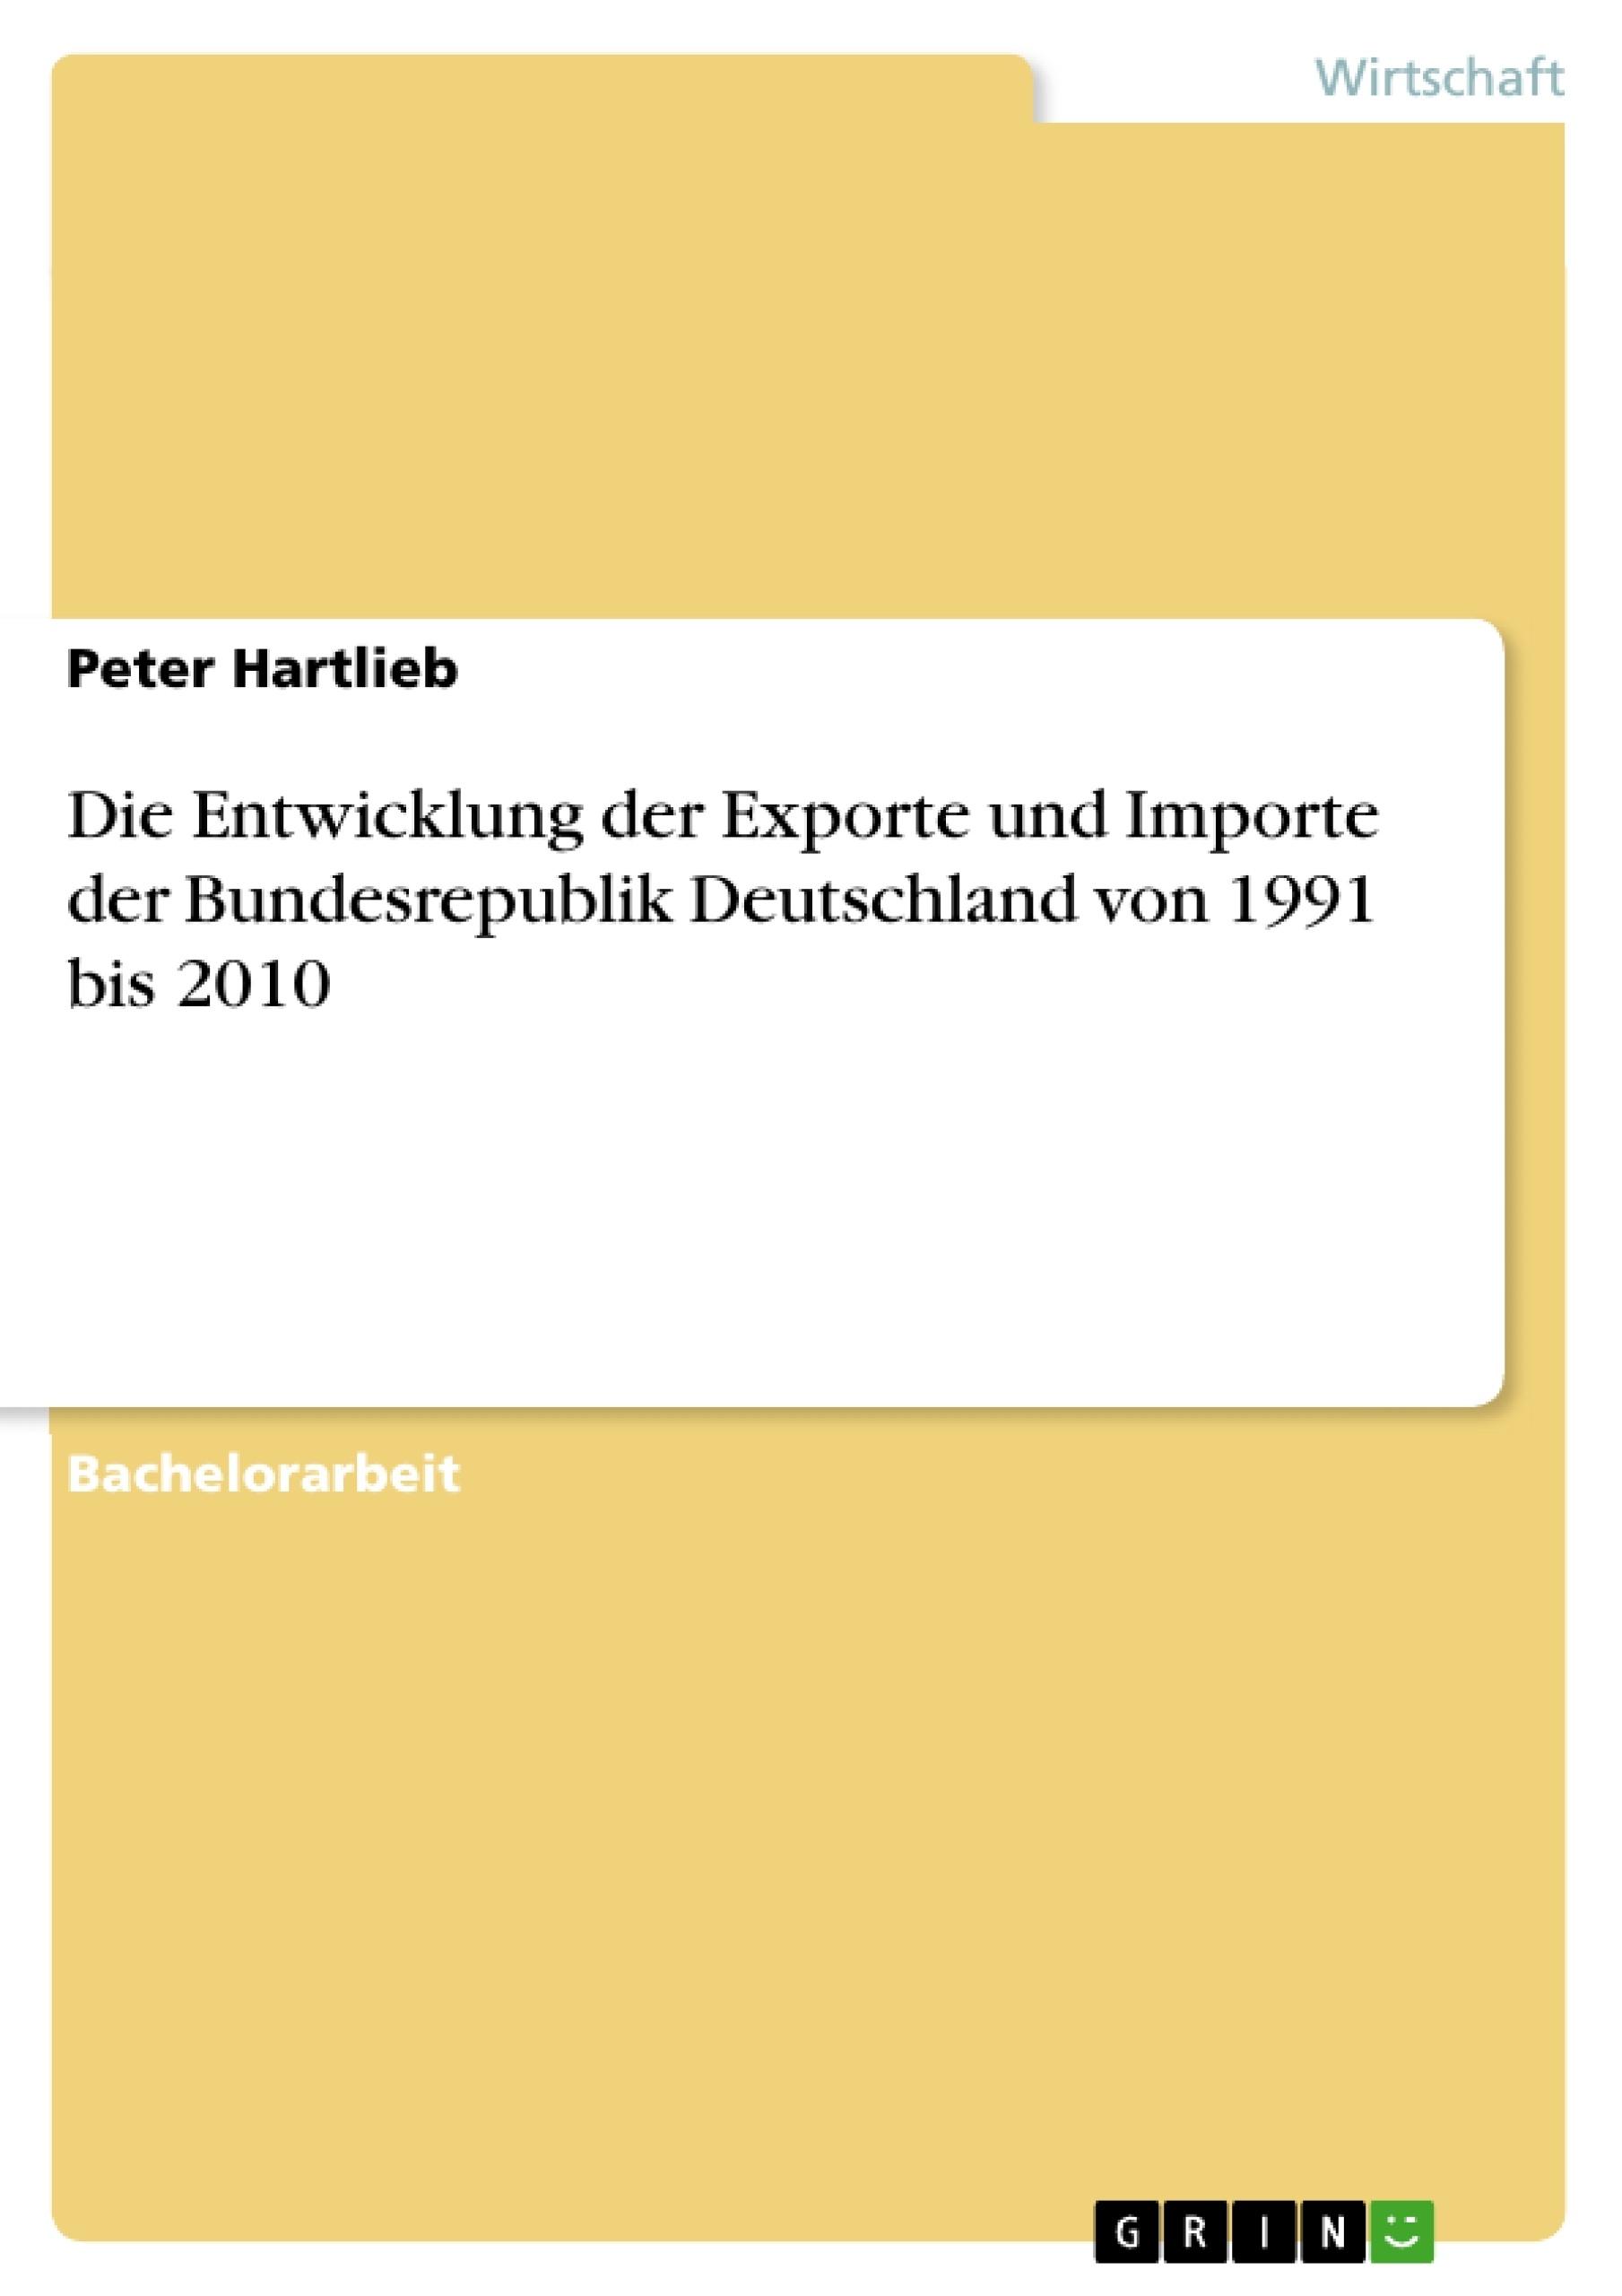 Titel: Die Entwicklung der Exporte und Importe der Bundesrepublik Deutschland von 1991 bis 2010